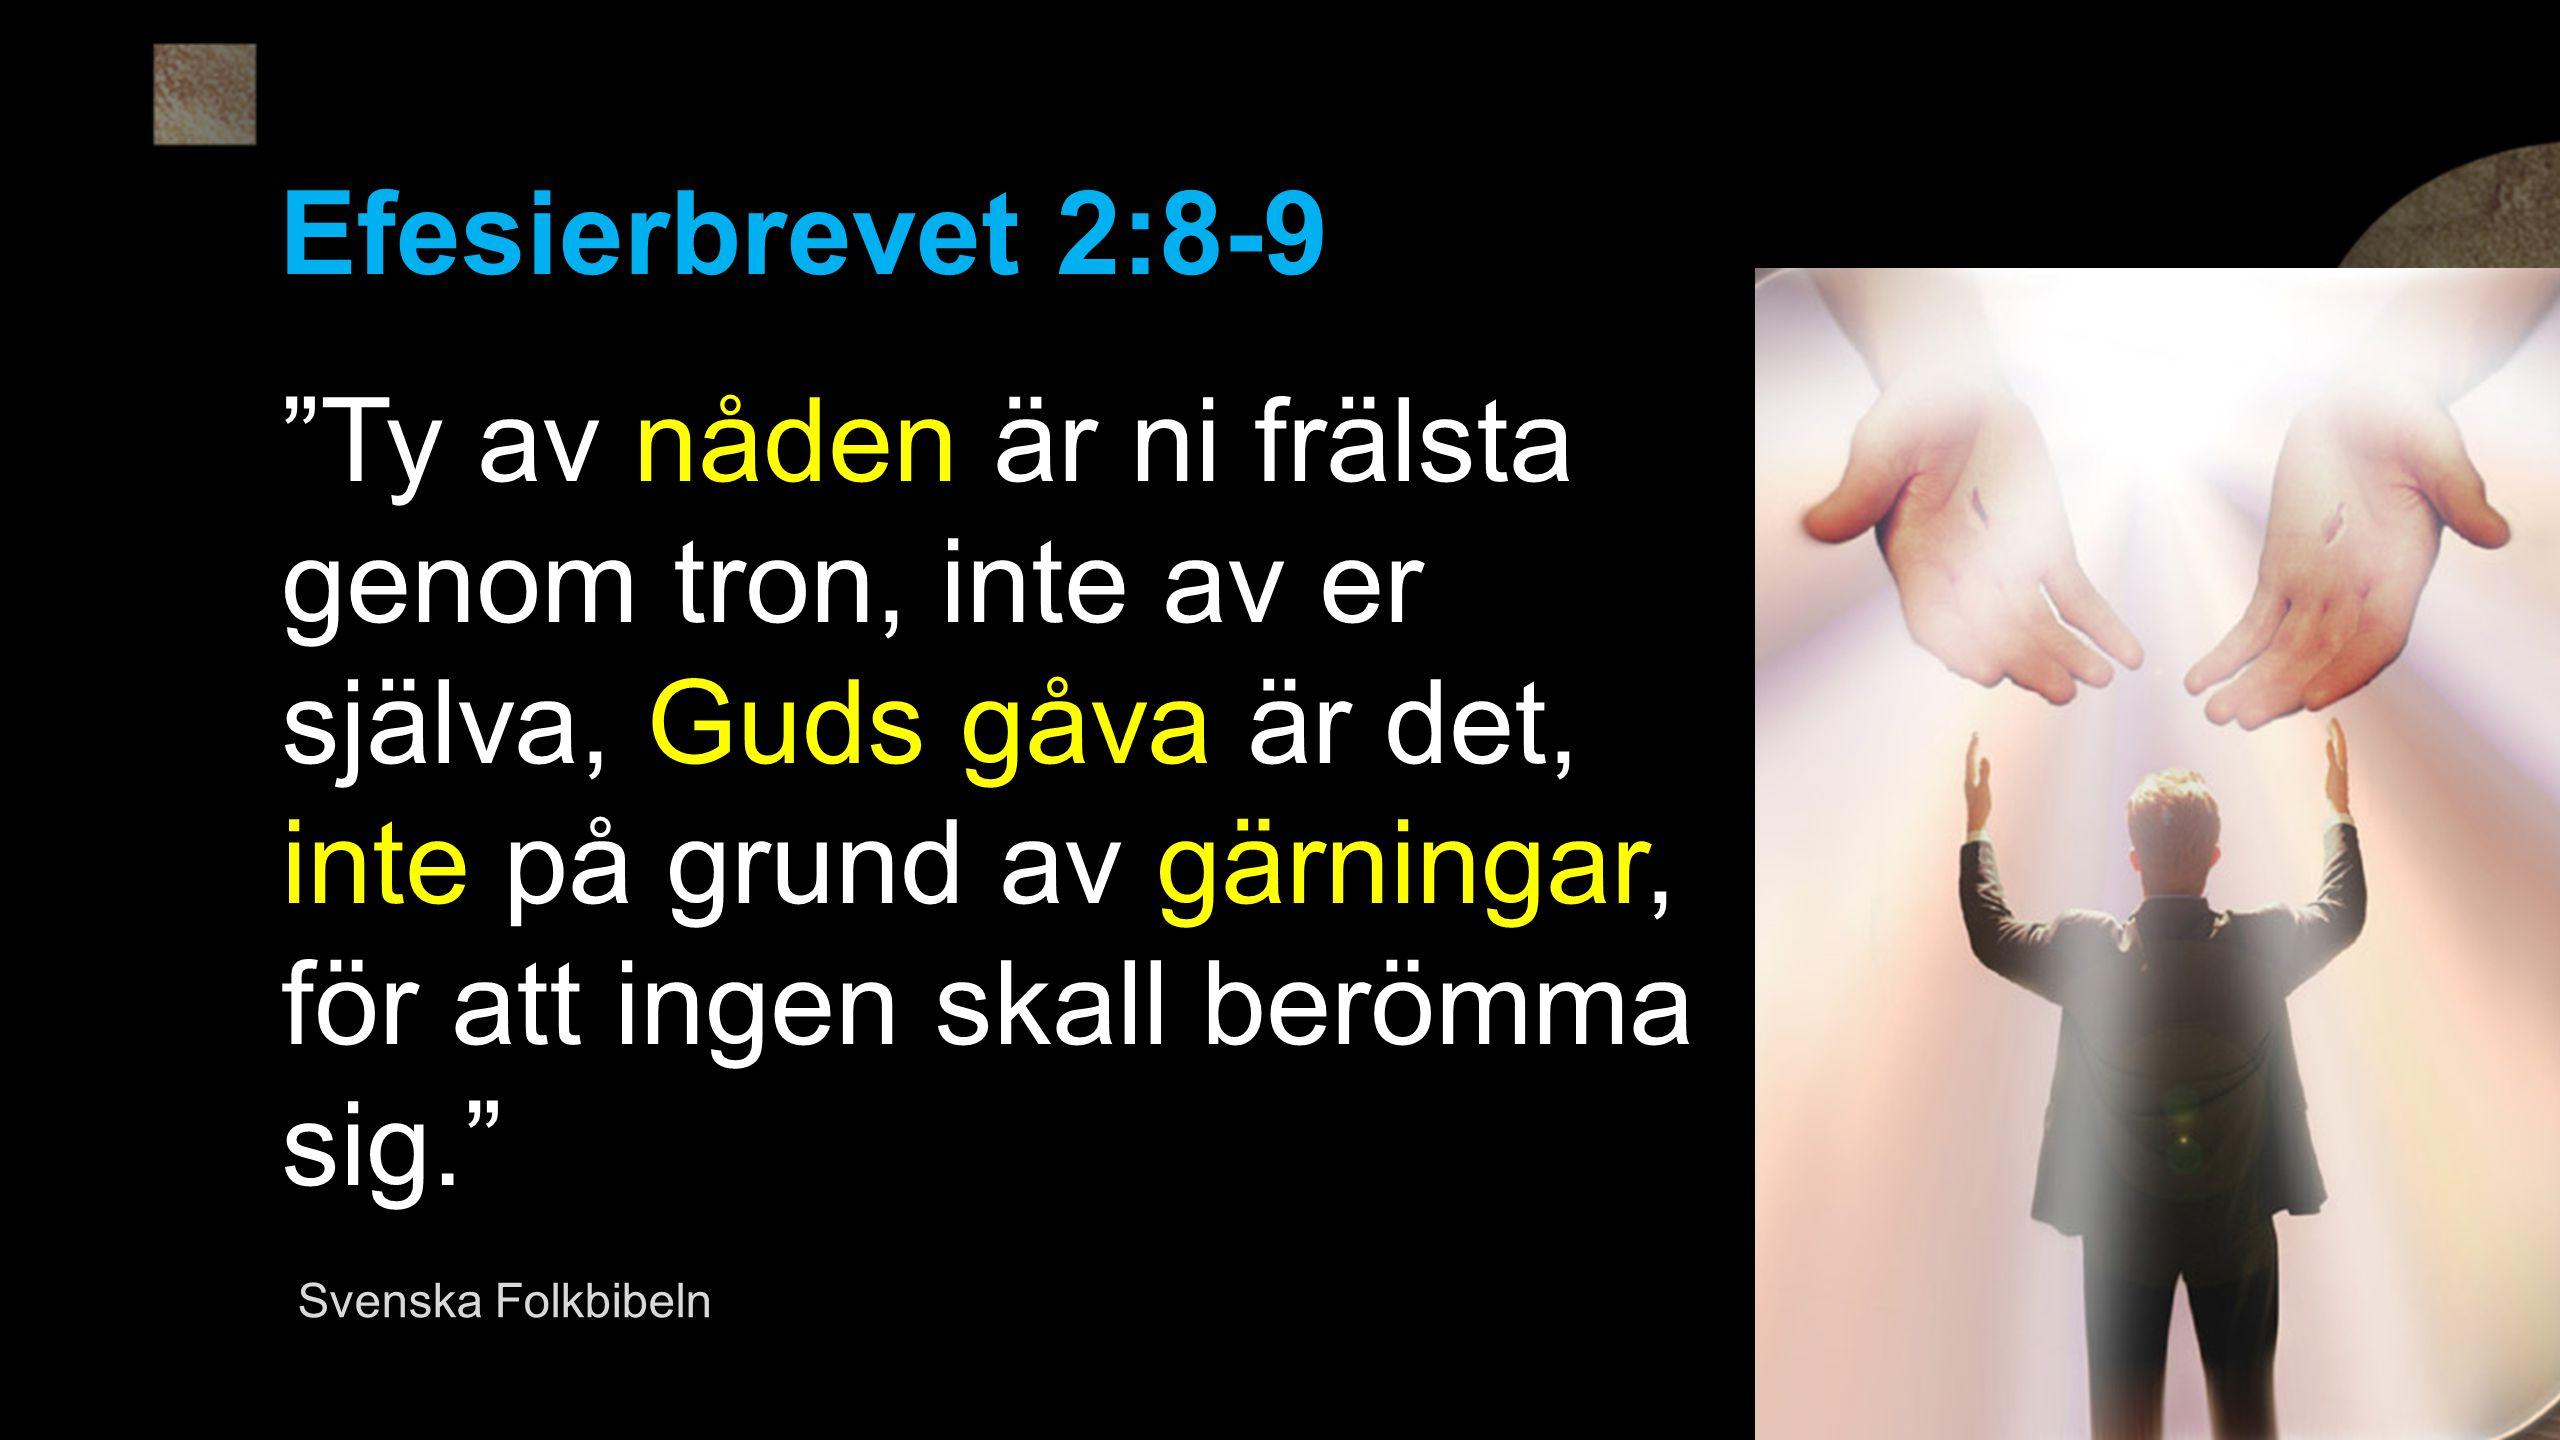 Efesierbrevet 2:8-9